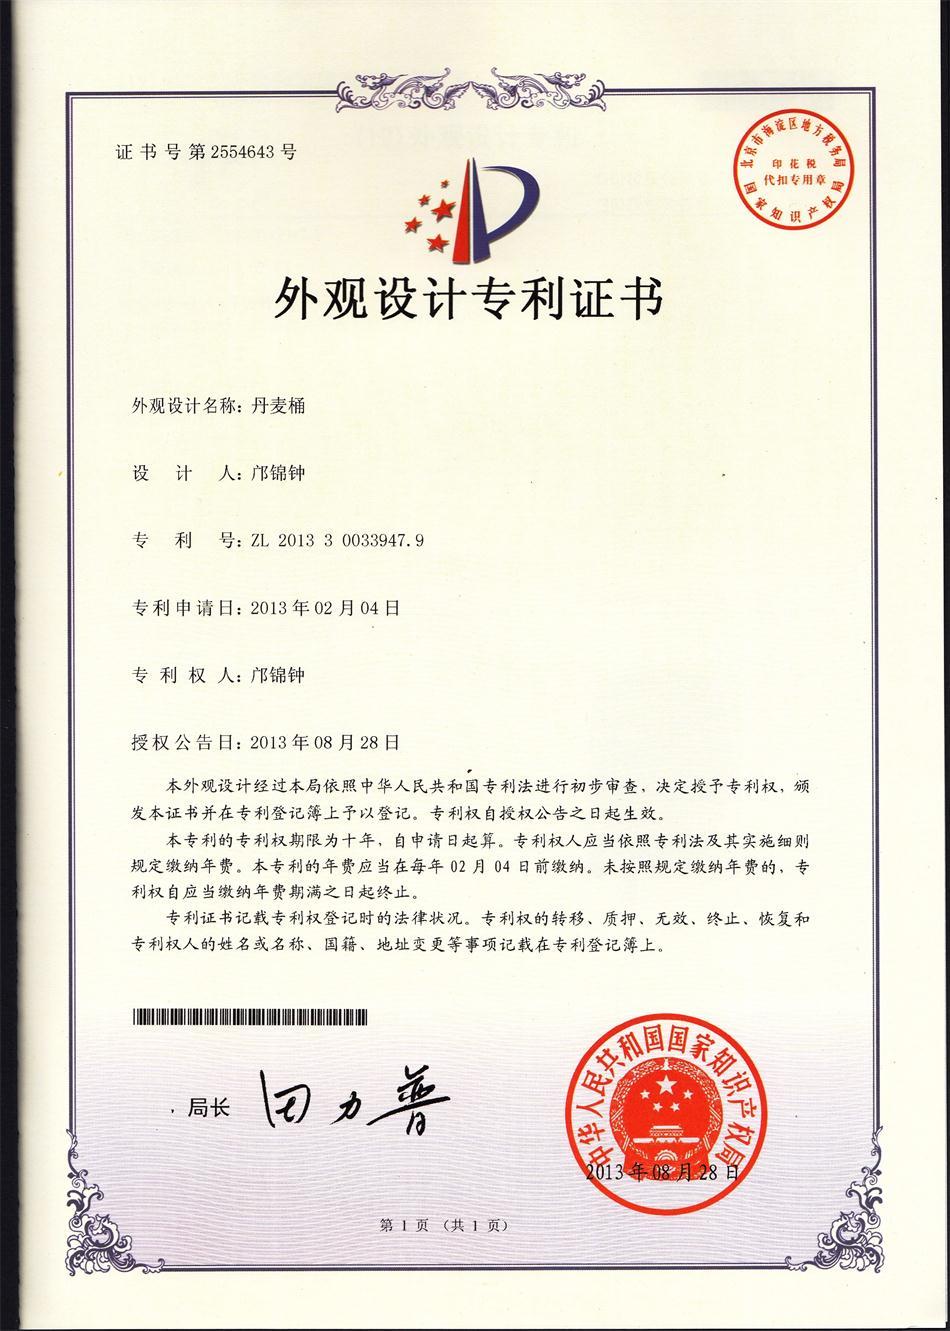 Beer Barrel Patent Certificate